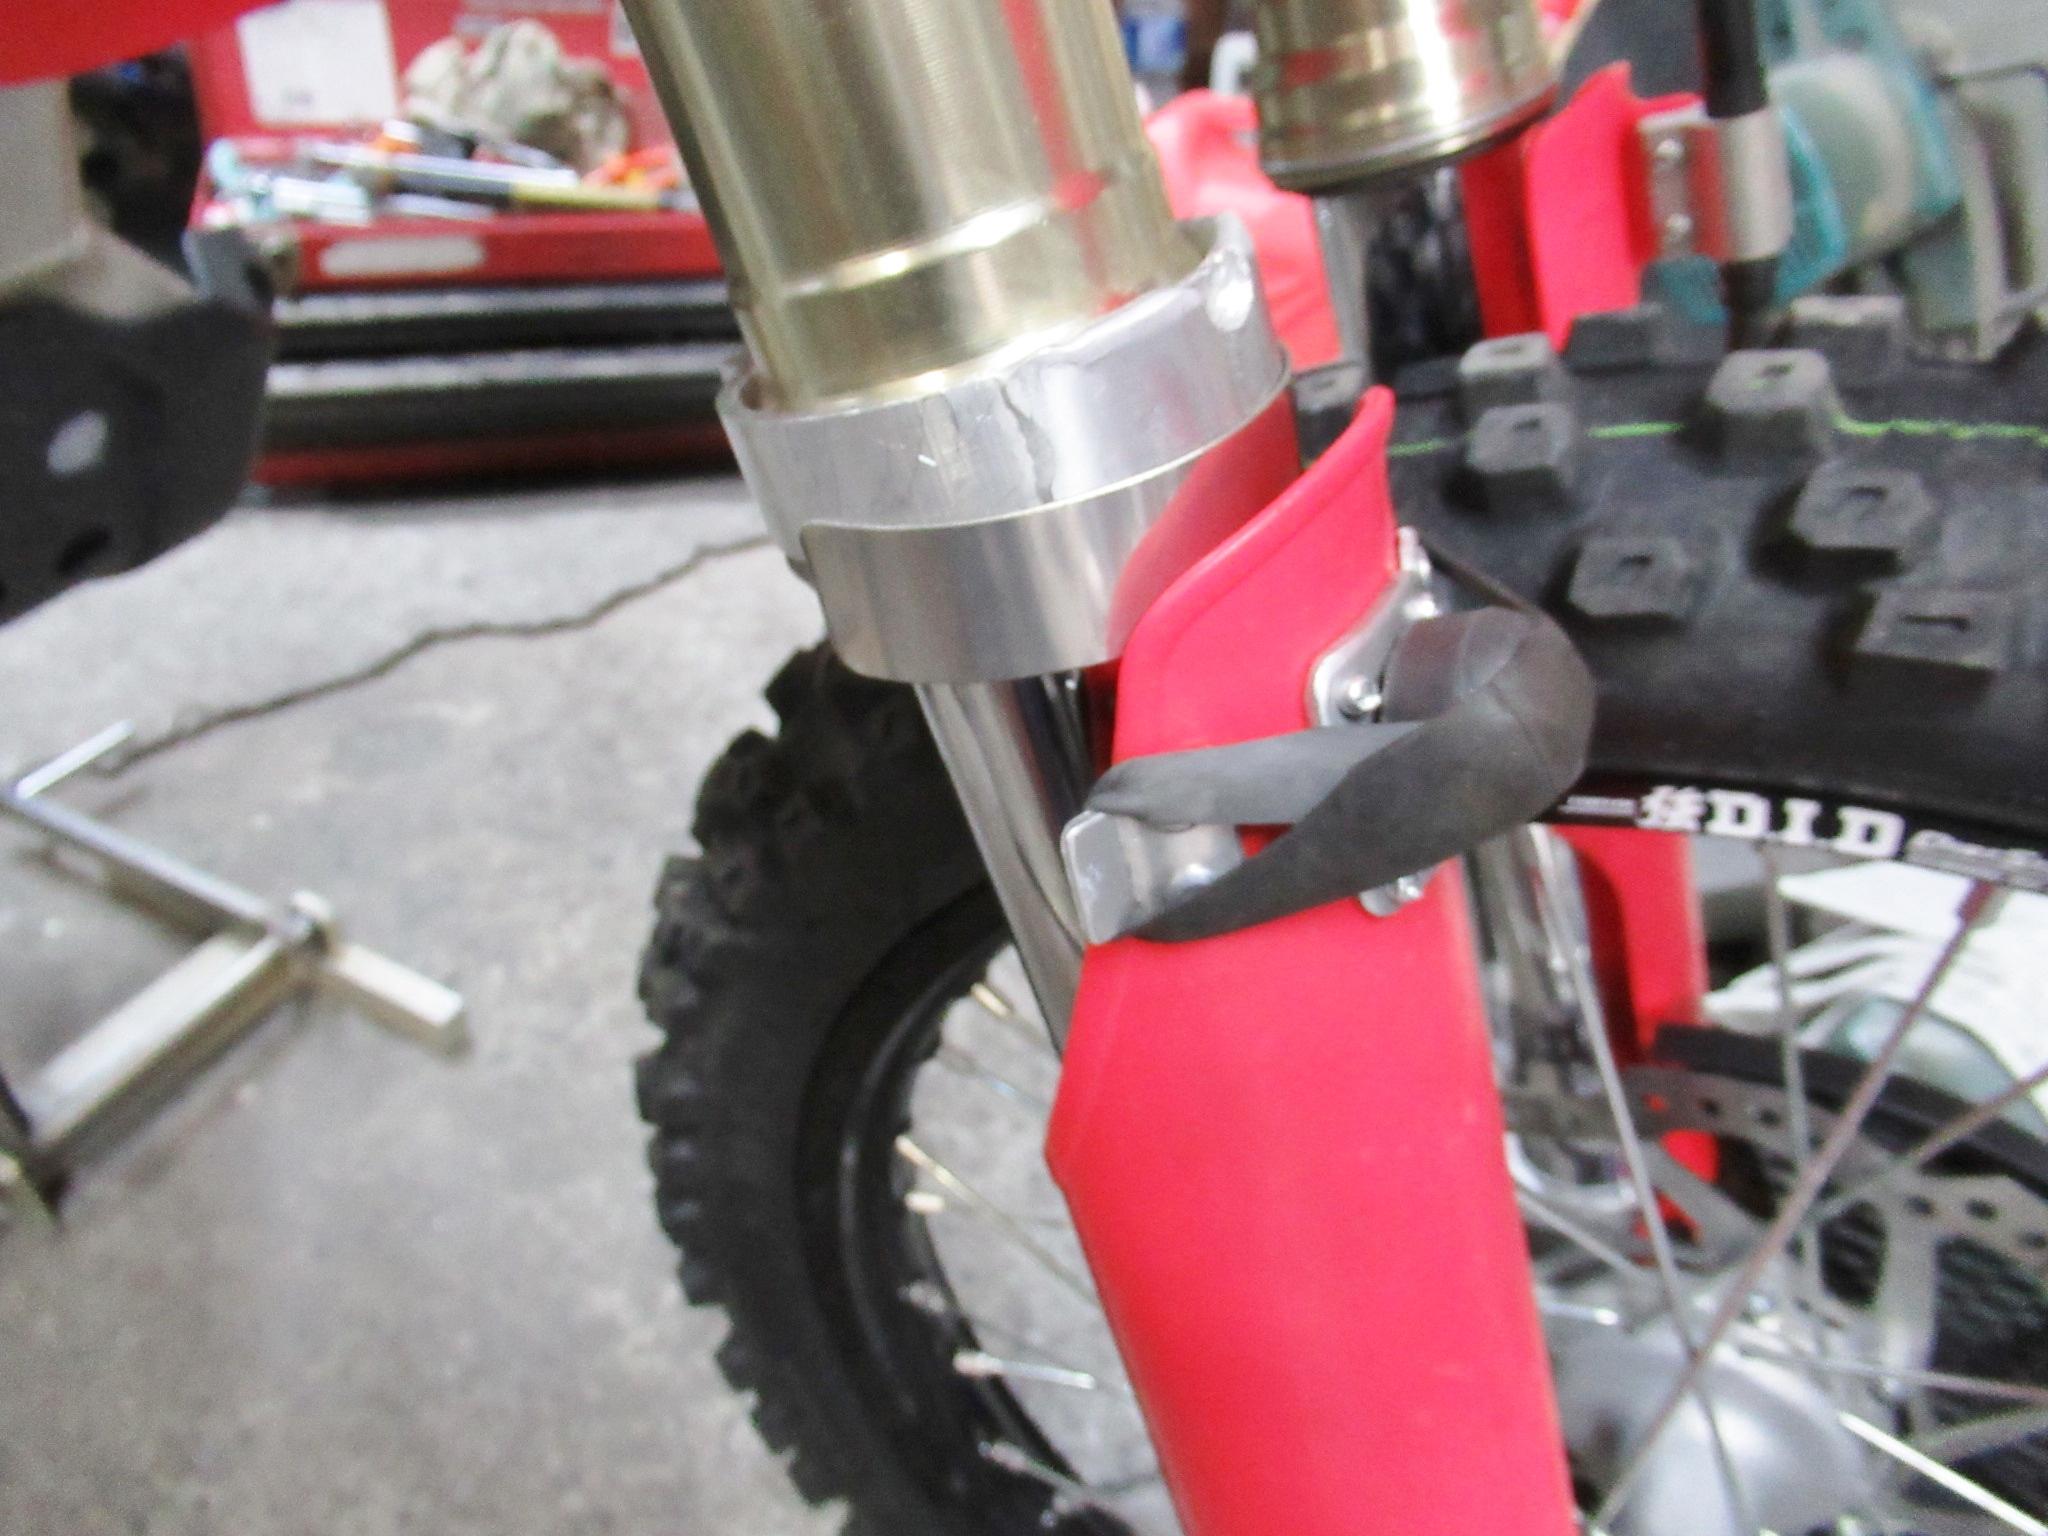 http://www.precious-factory.com/preciousfactory2010/IMG_0060.JPG